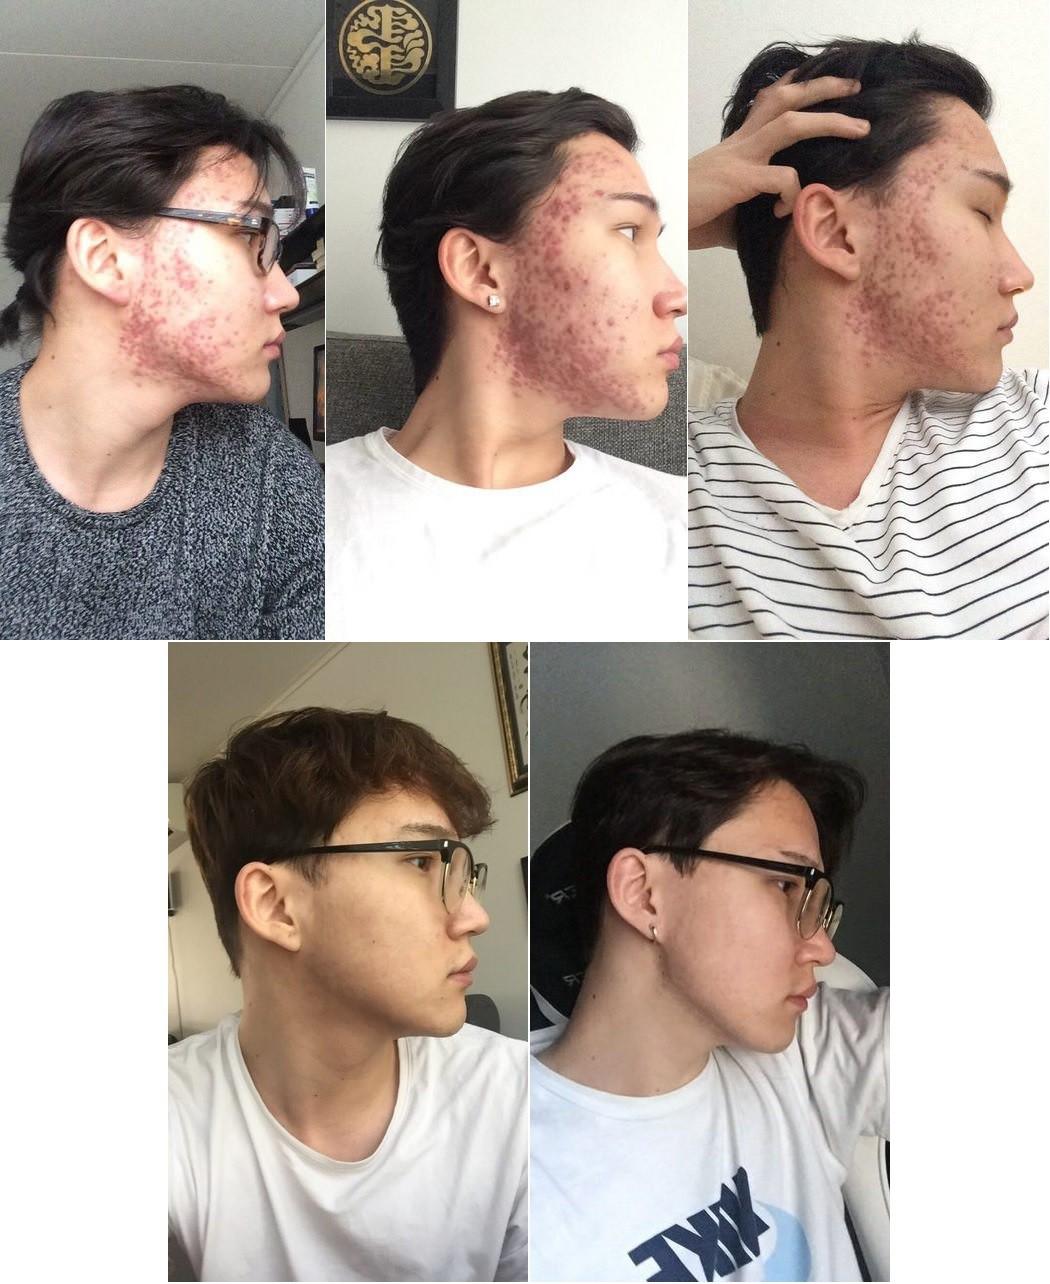 Sau 2 năm khổ vì mụn tấy đỏ, mặt anh chàng này đã thay đổi bất ngờ kể từ khi chuyển sang dưỡng da kiểu Hàn - Ảnh 3.